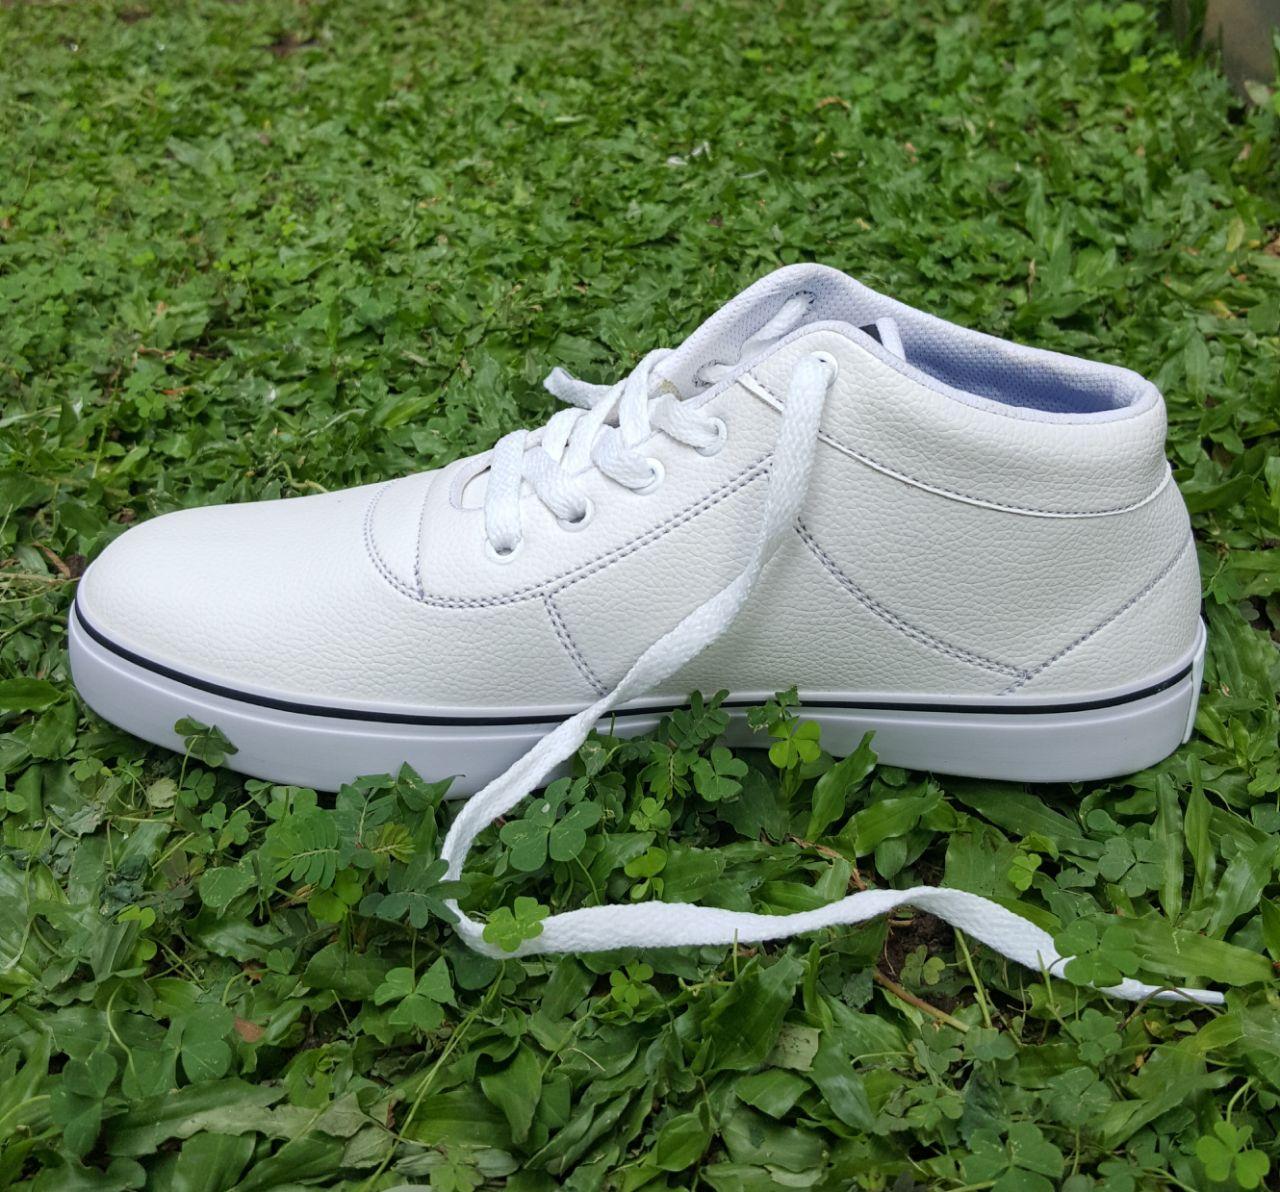 BaBa / Sepatu Pria / Kets Pria / Sneakers Pria / Sepatu Casual Pria / Sepatu Loafer Pria / Slip On Pria / Boots Pria / Sepatu Formal Pria / Fashion Pria / Sepatu V-001 Pria